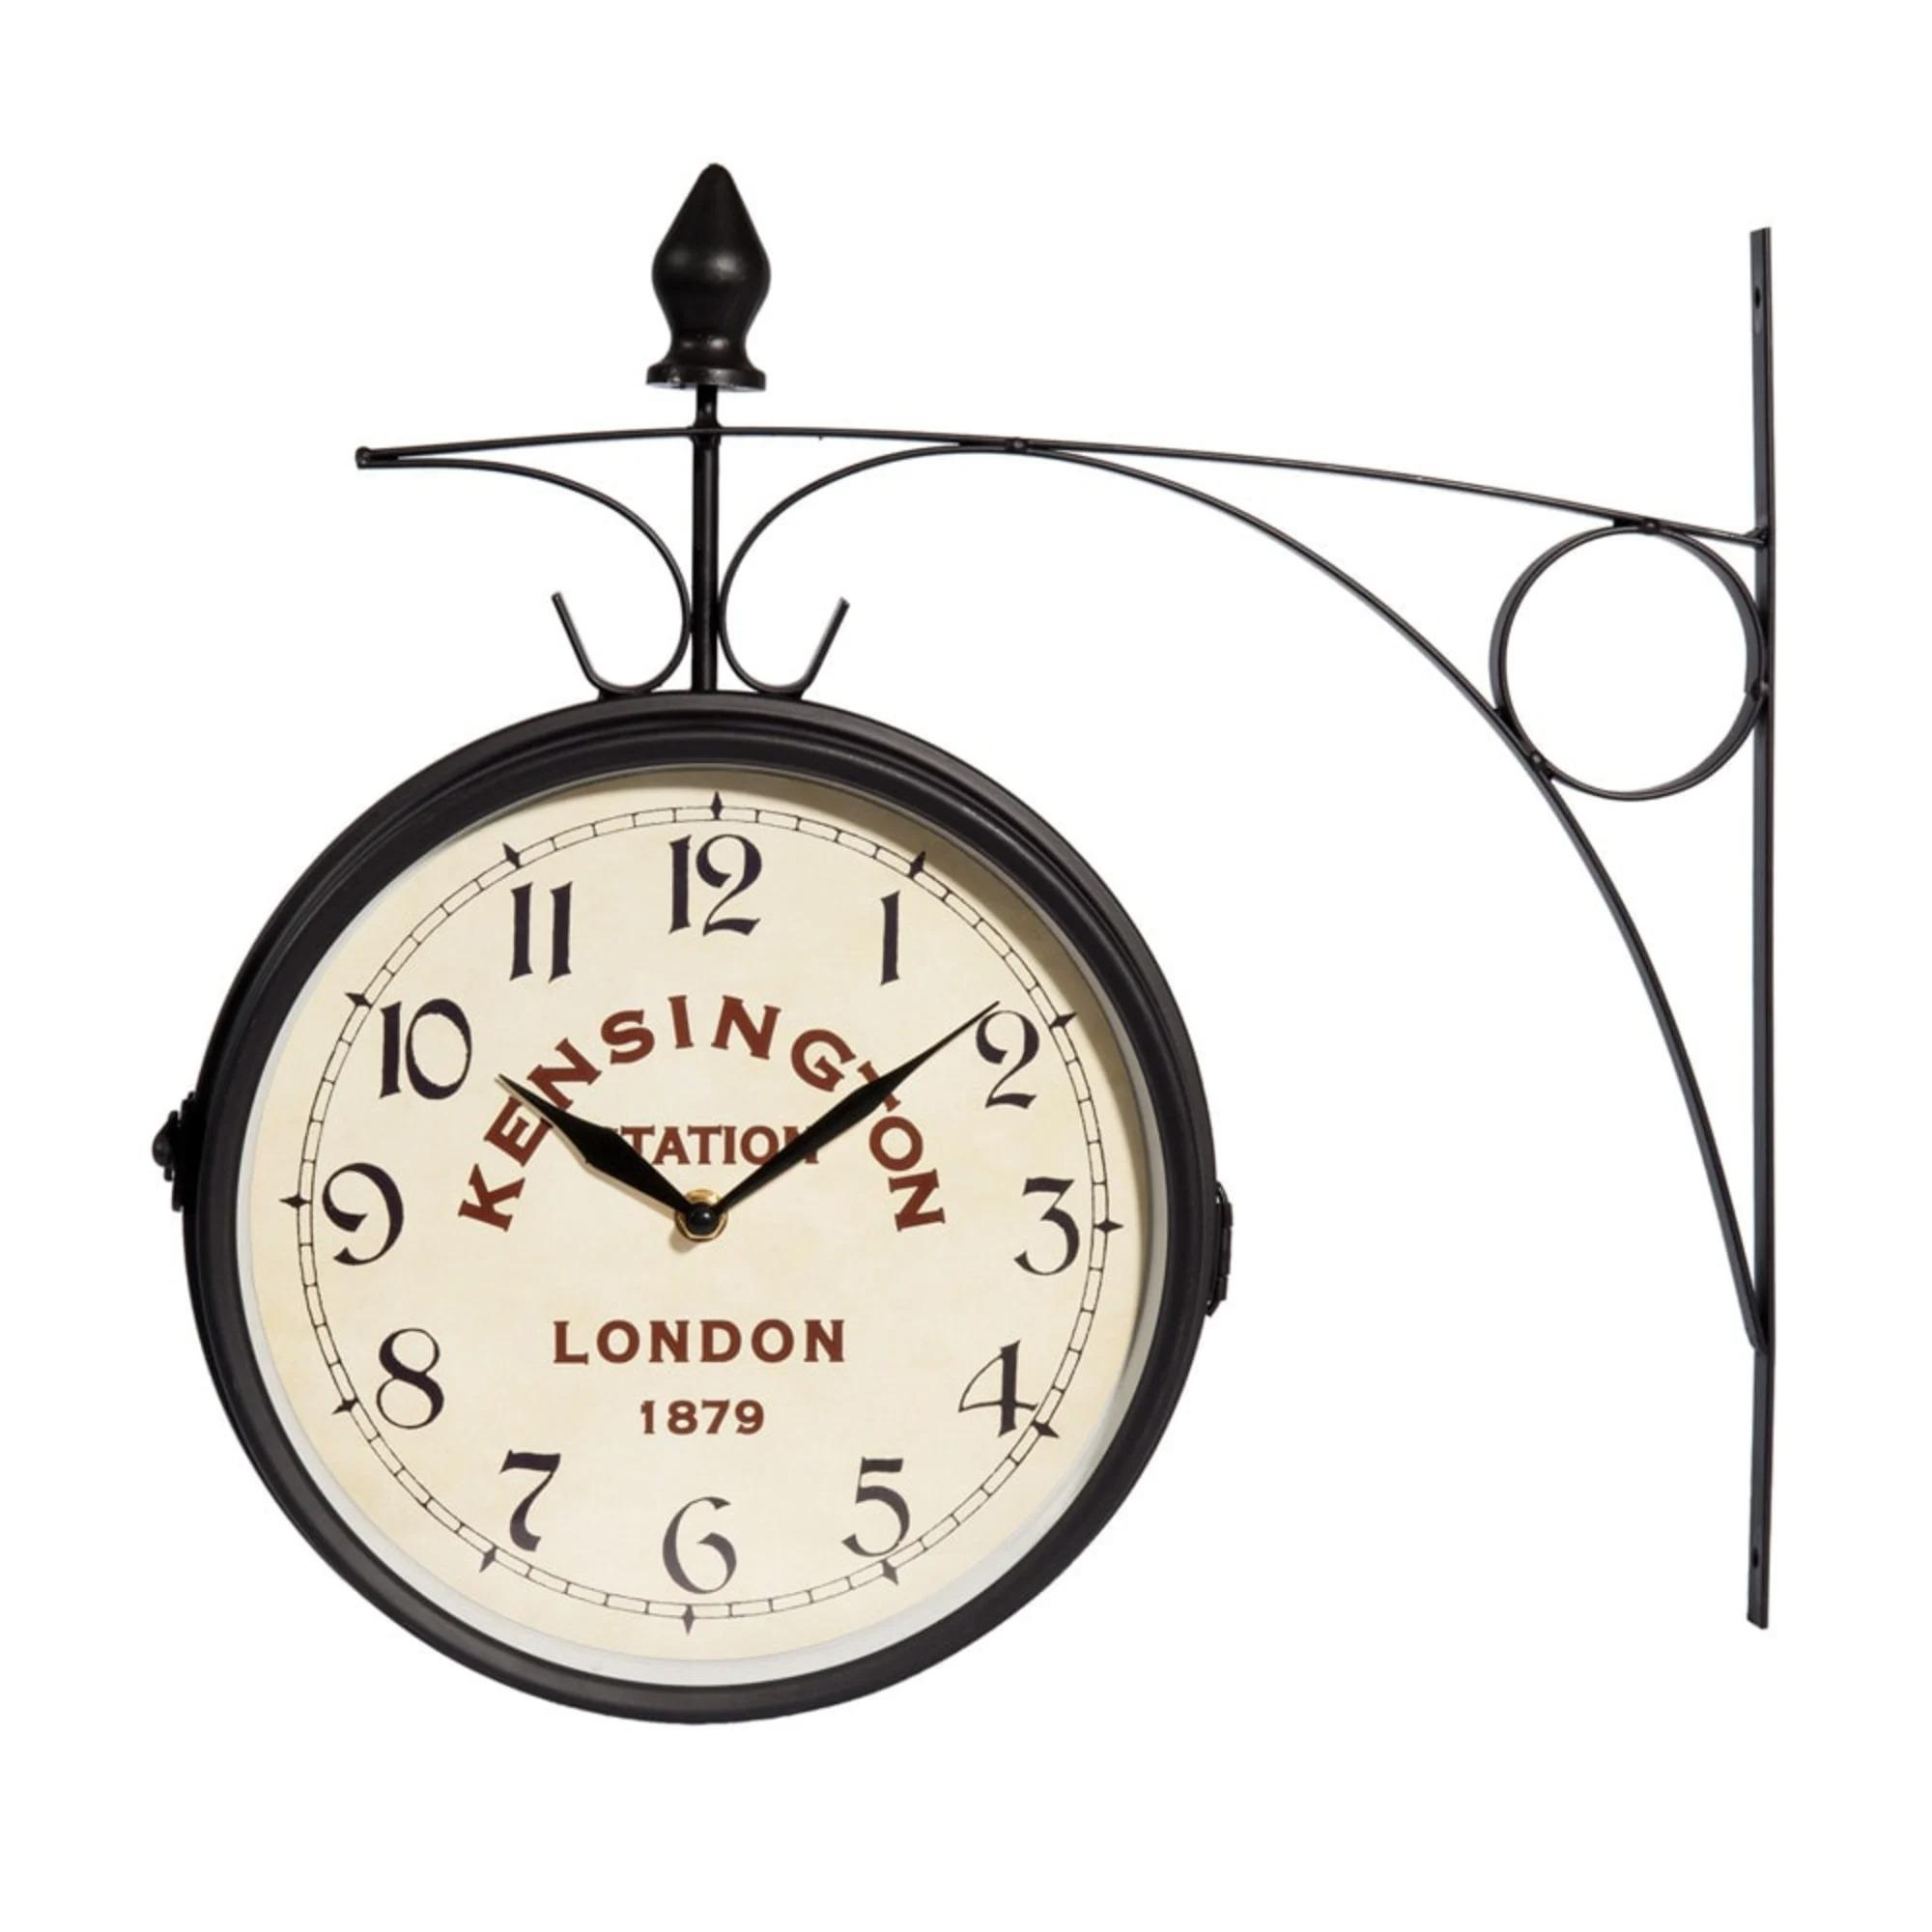 Reloj de estación de metal negro 42x24